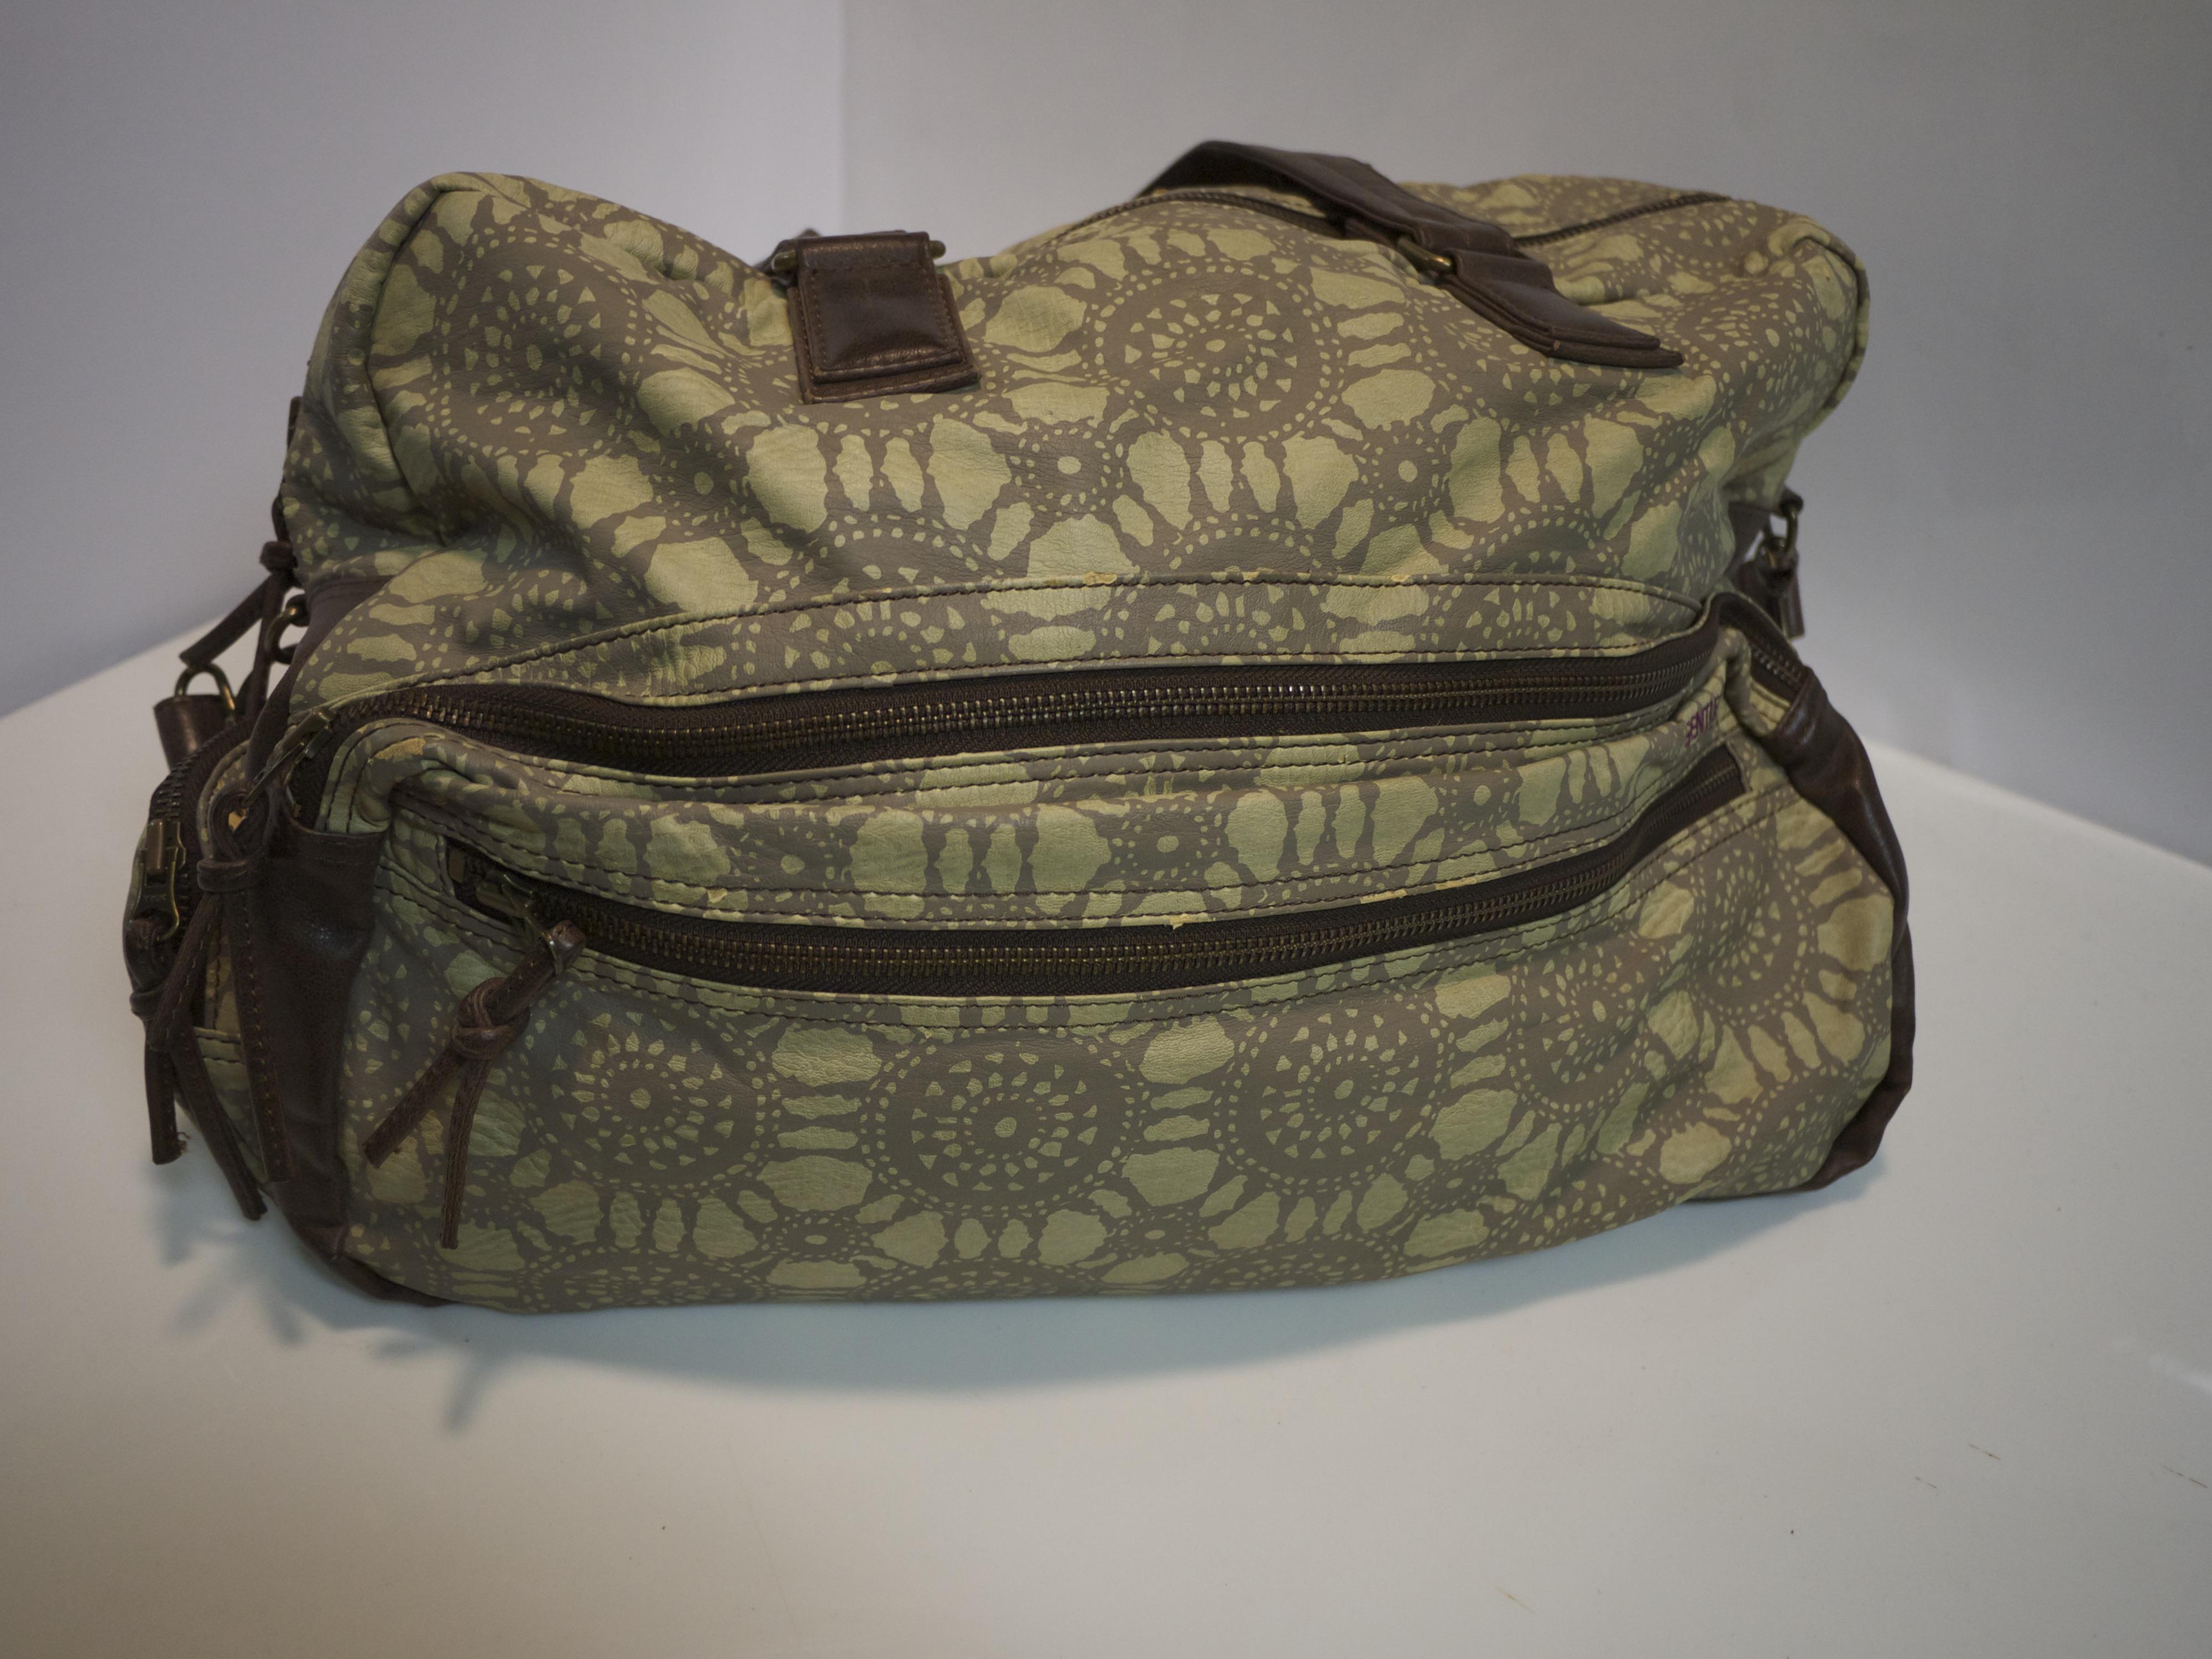 Patterned travel bag